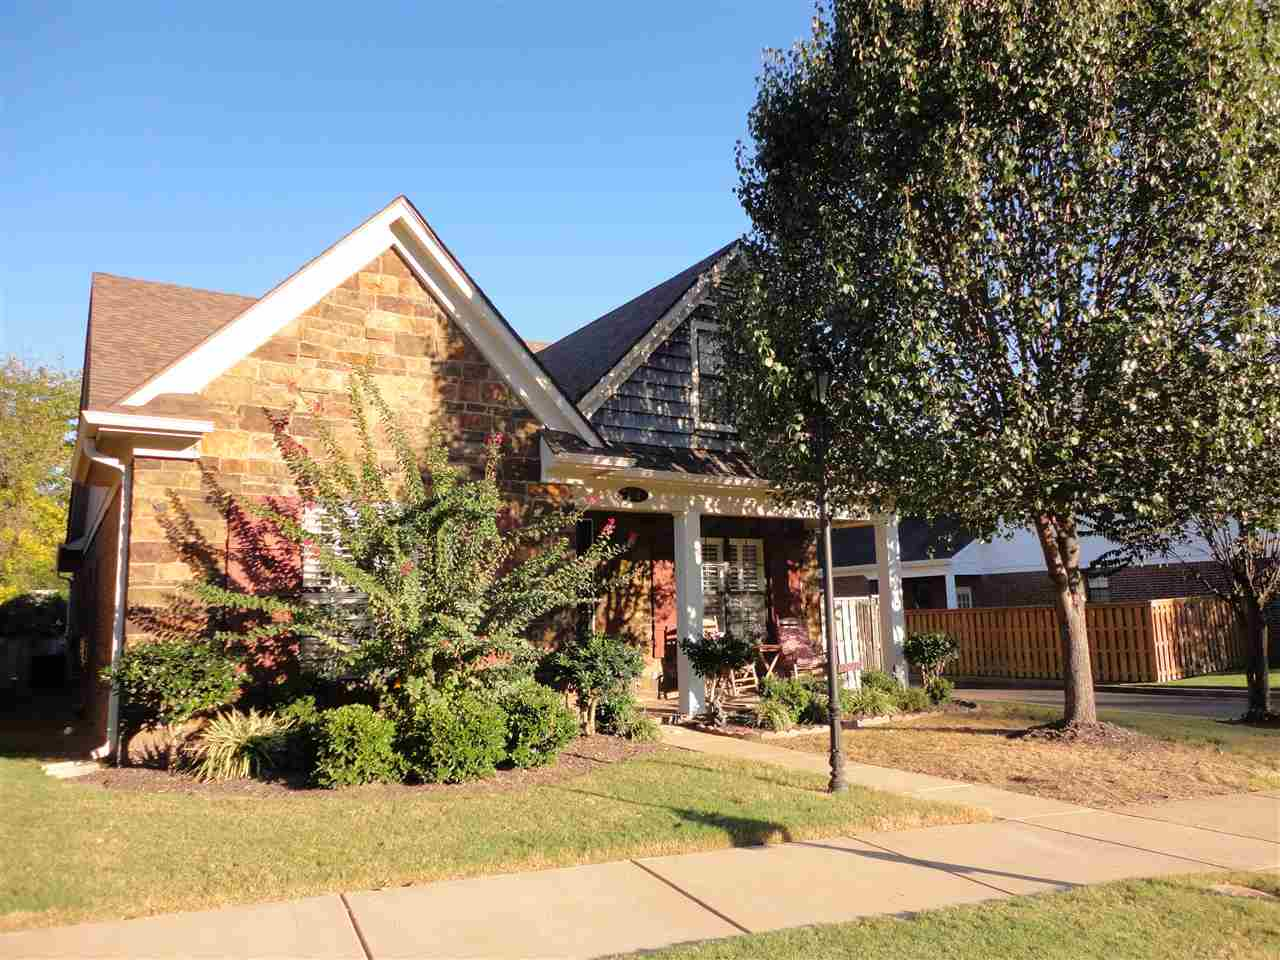 152 SYLBEN CV, Memphis, TN 38120